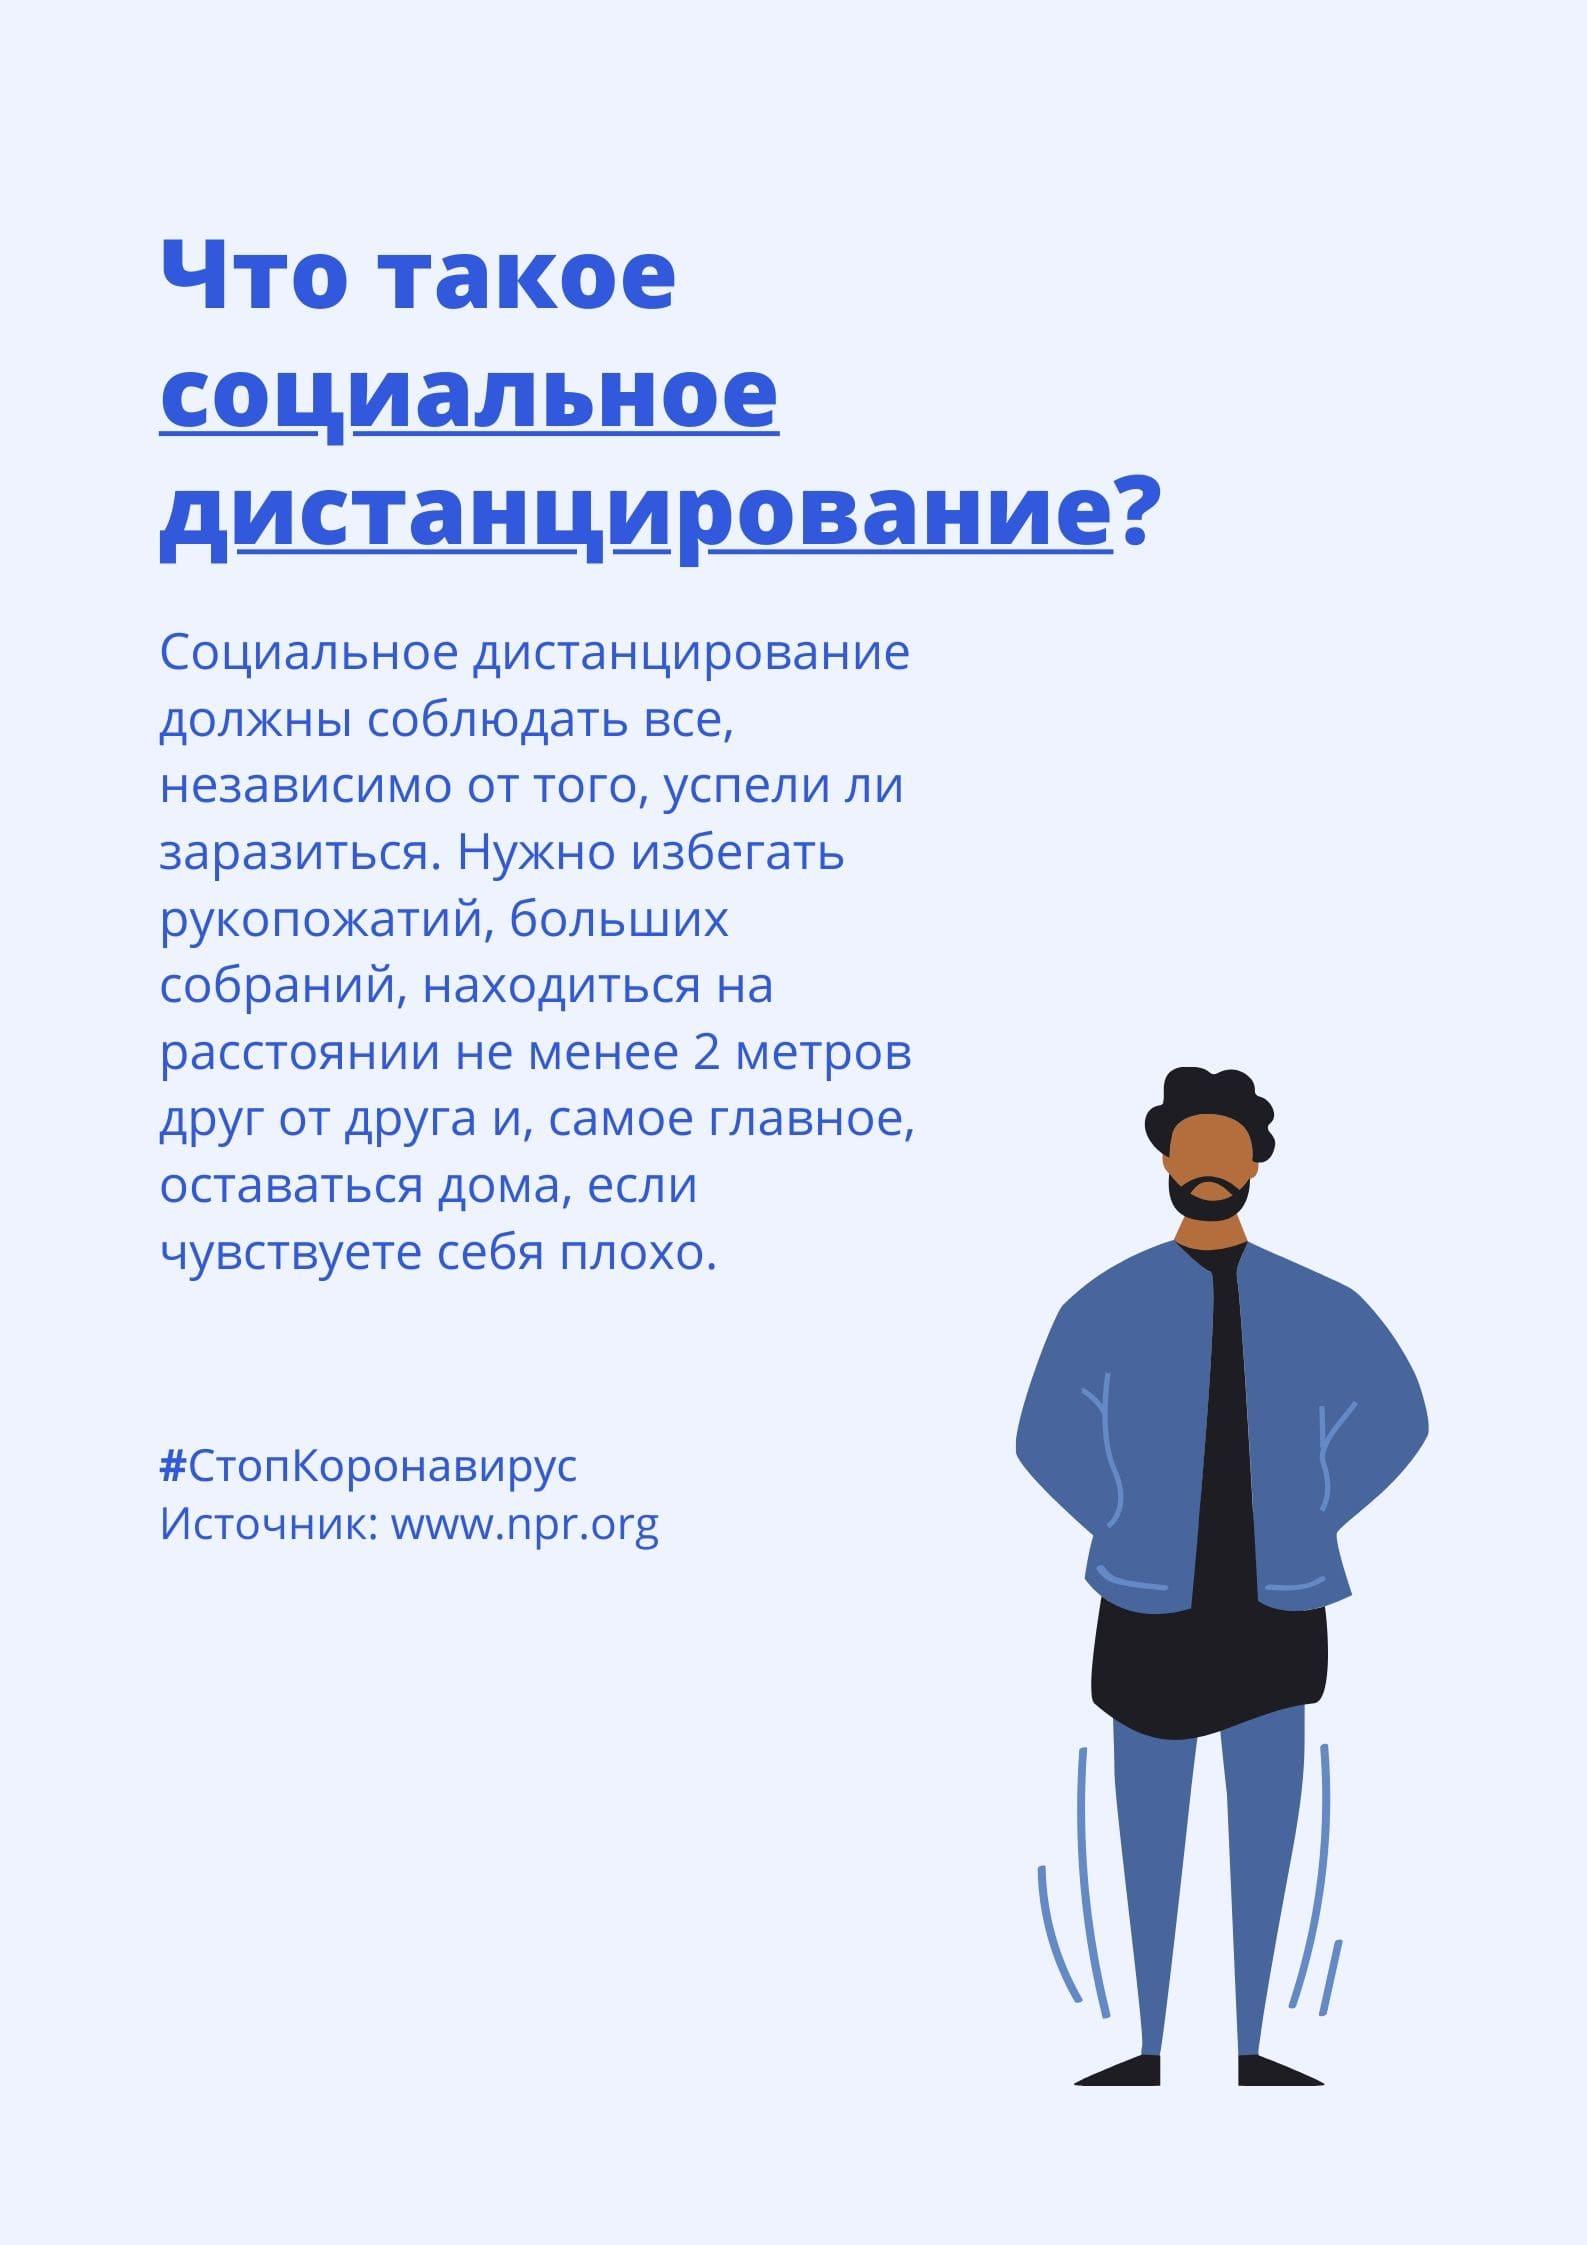 Что такое социальное дистанцирование?